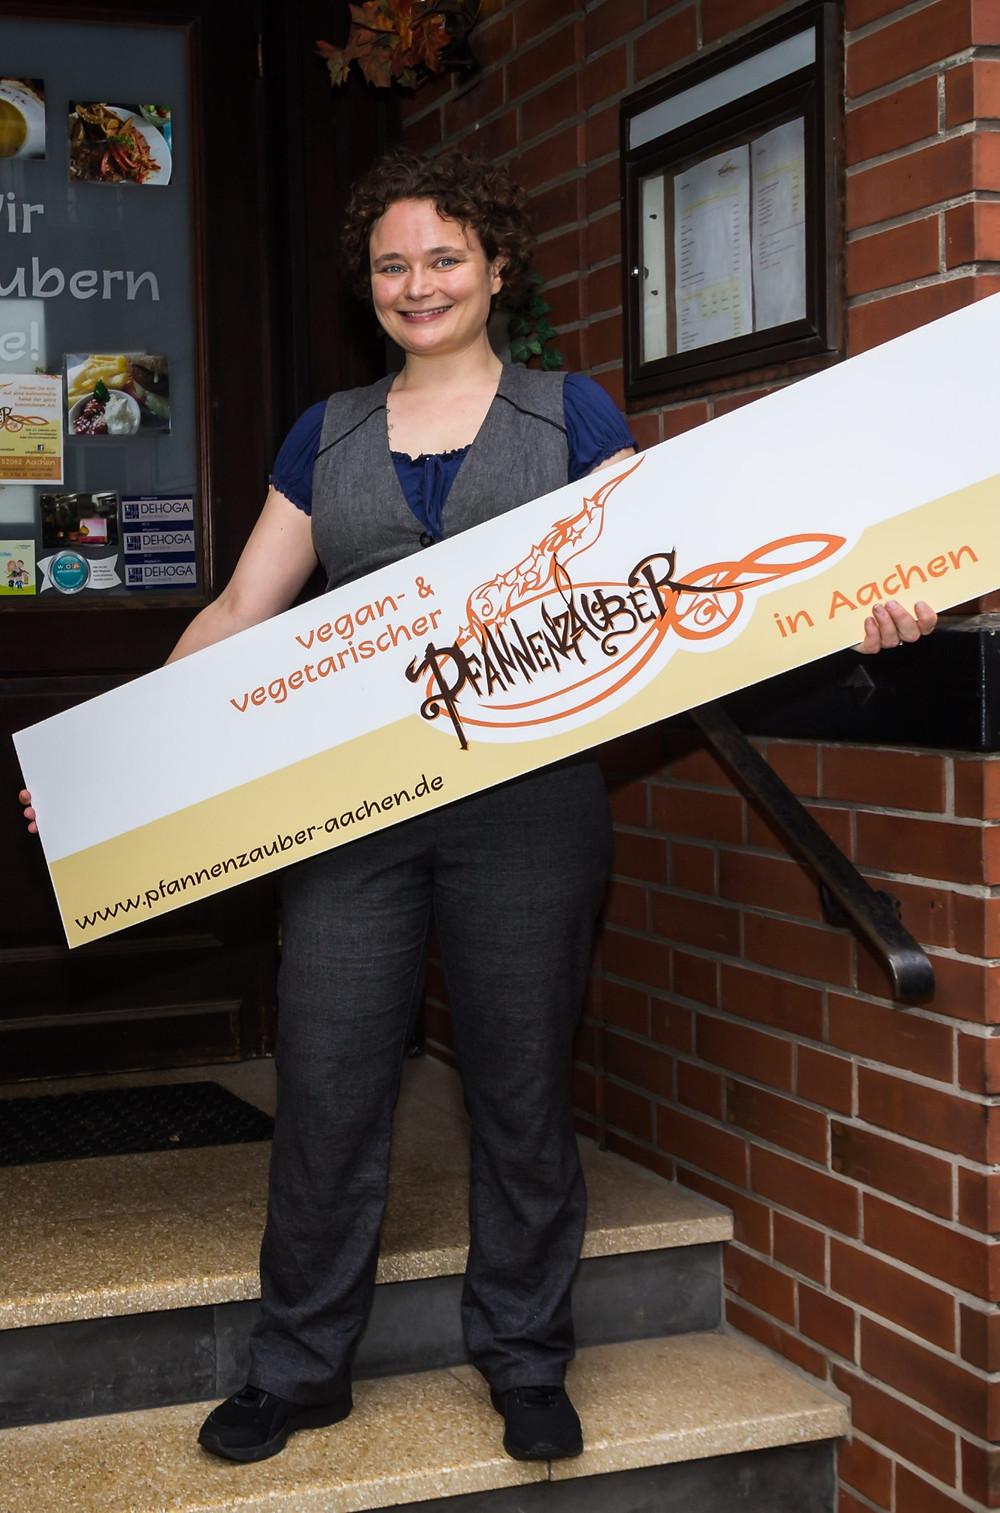 Eva steht mit einem großen Schild vor der Eingangstür ihres Restaurants Pfannenzauber. Auf dem Schild ist das verschnörkelte Logo zu sehen